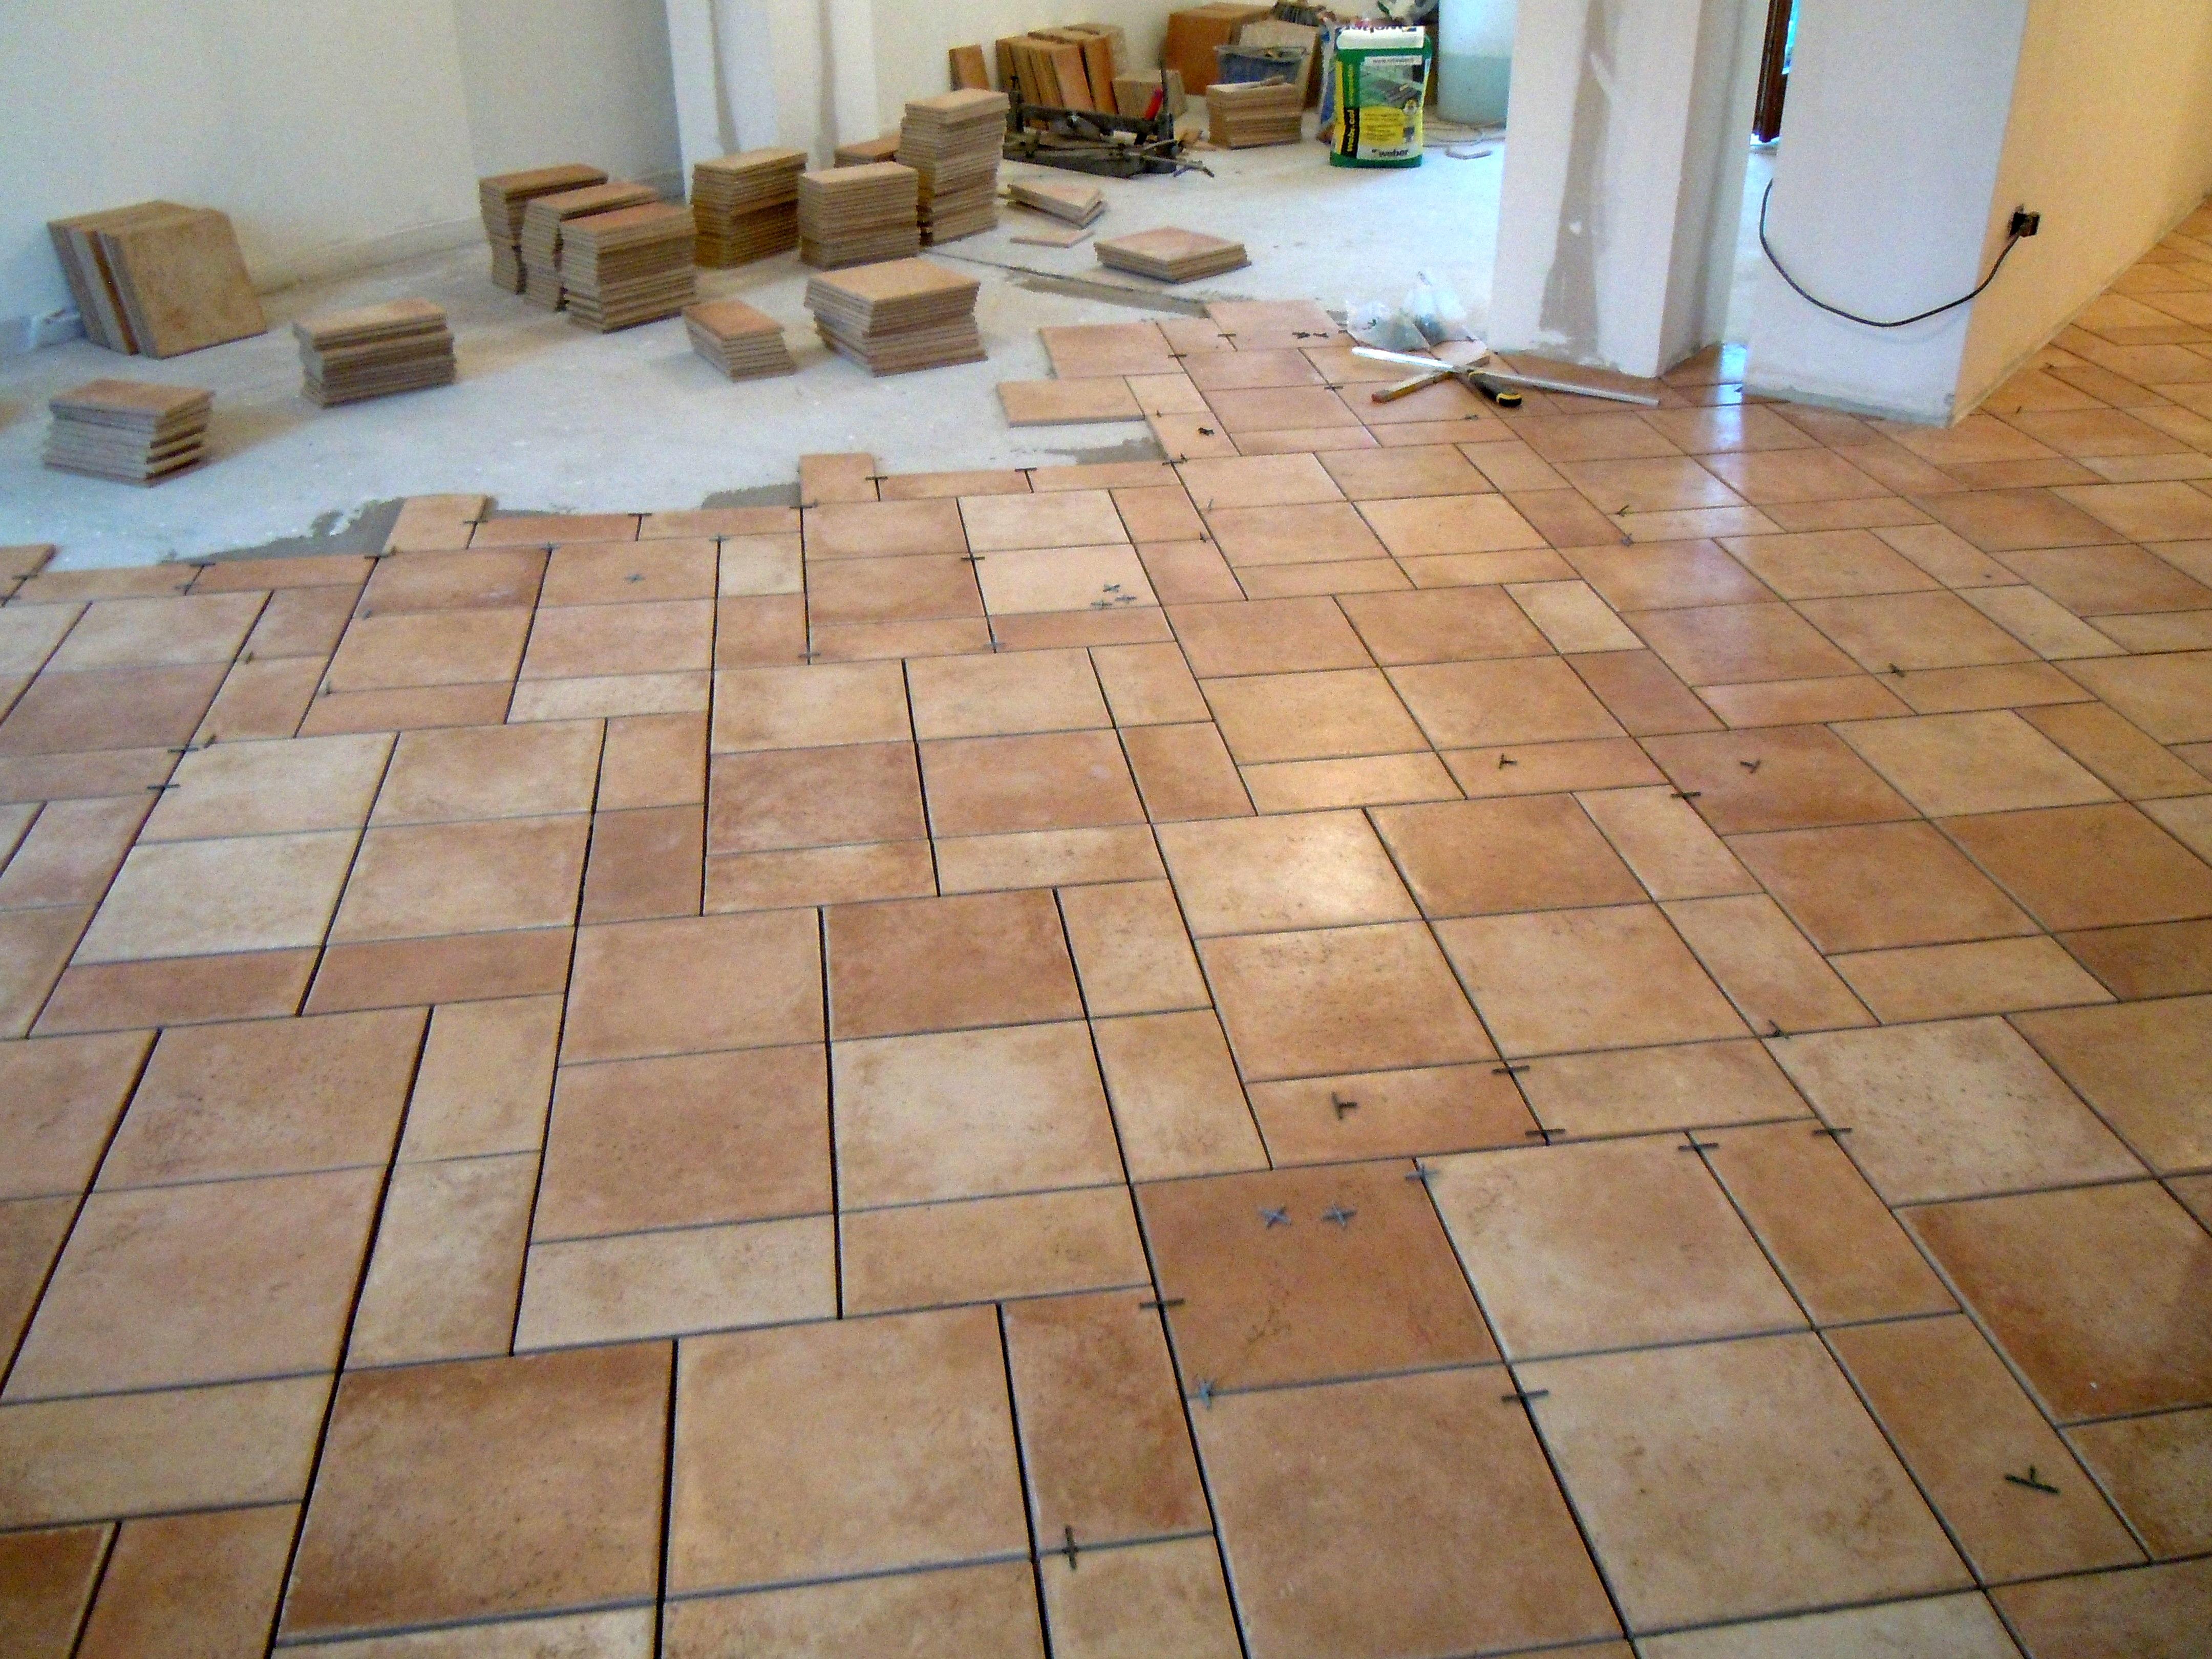 Pavimento colore pavimento con le fughe starlike di - Pavimento adesivo ikea ...